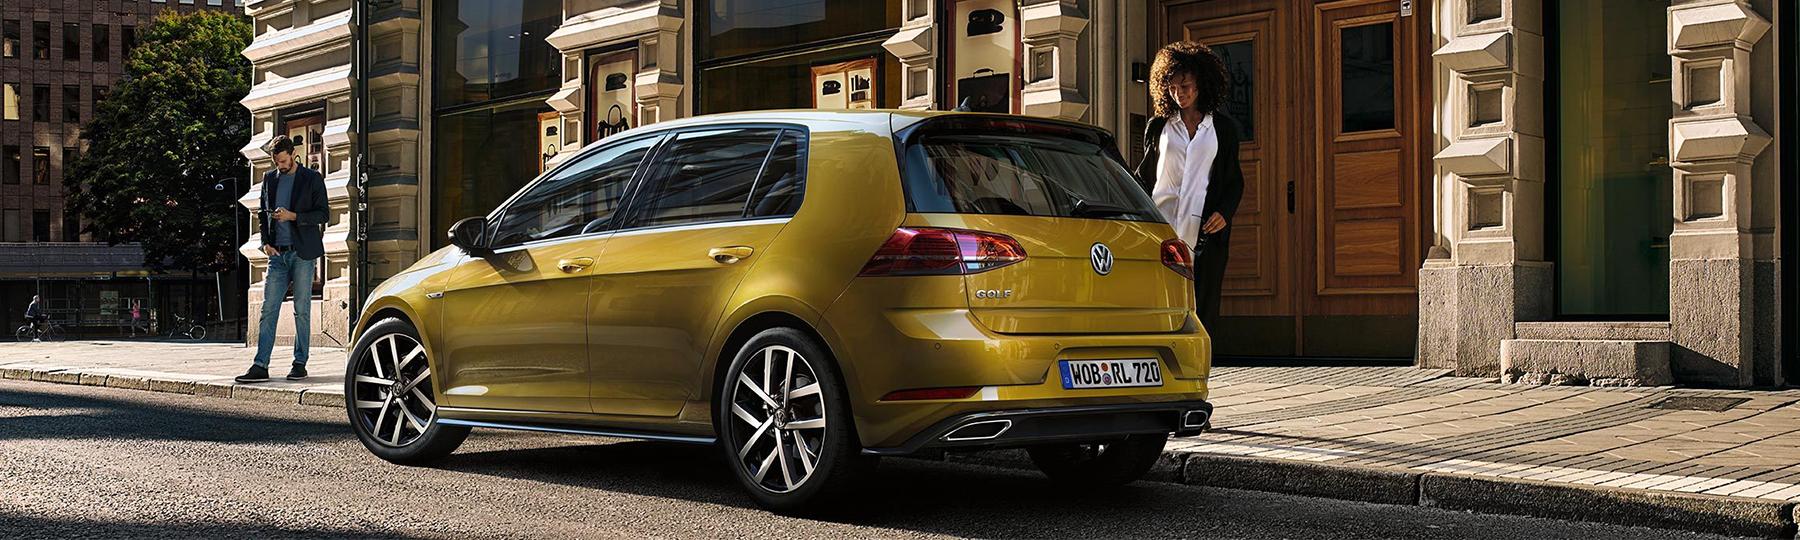 Autos Lemos, Servicio Oficial Volkswagen en Monforte de Lemos (Lugo)